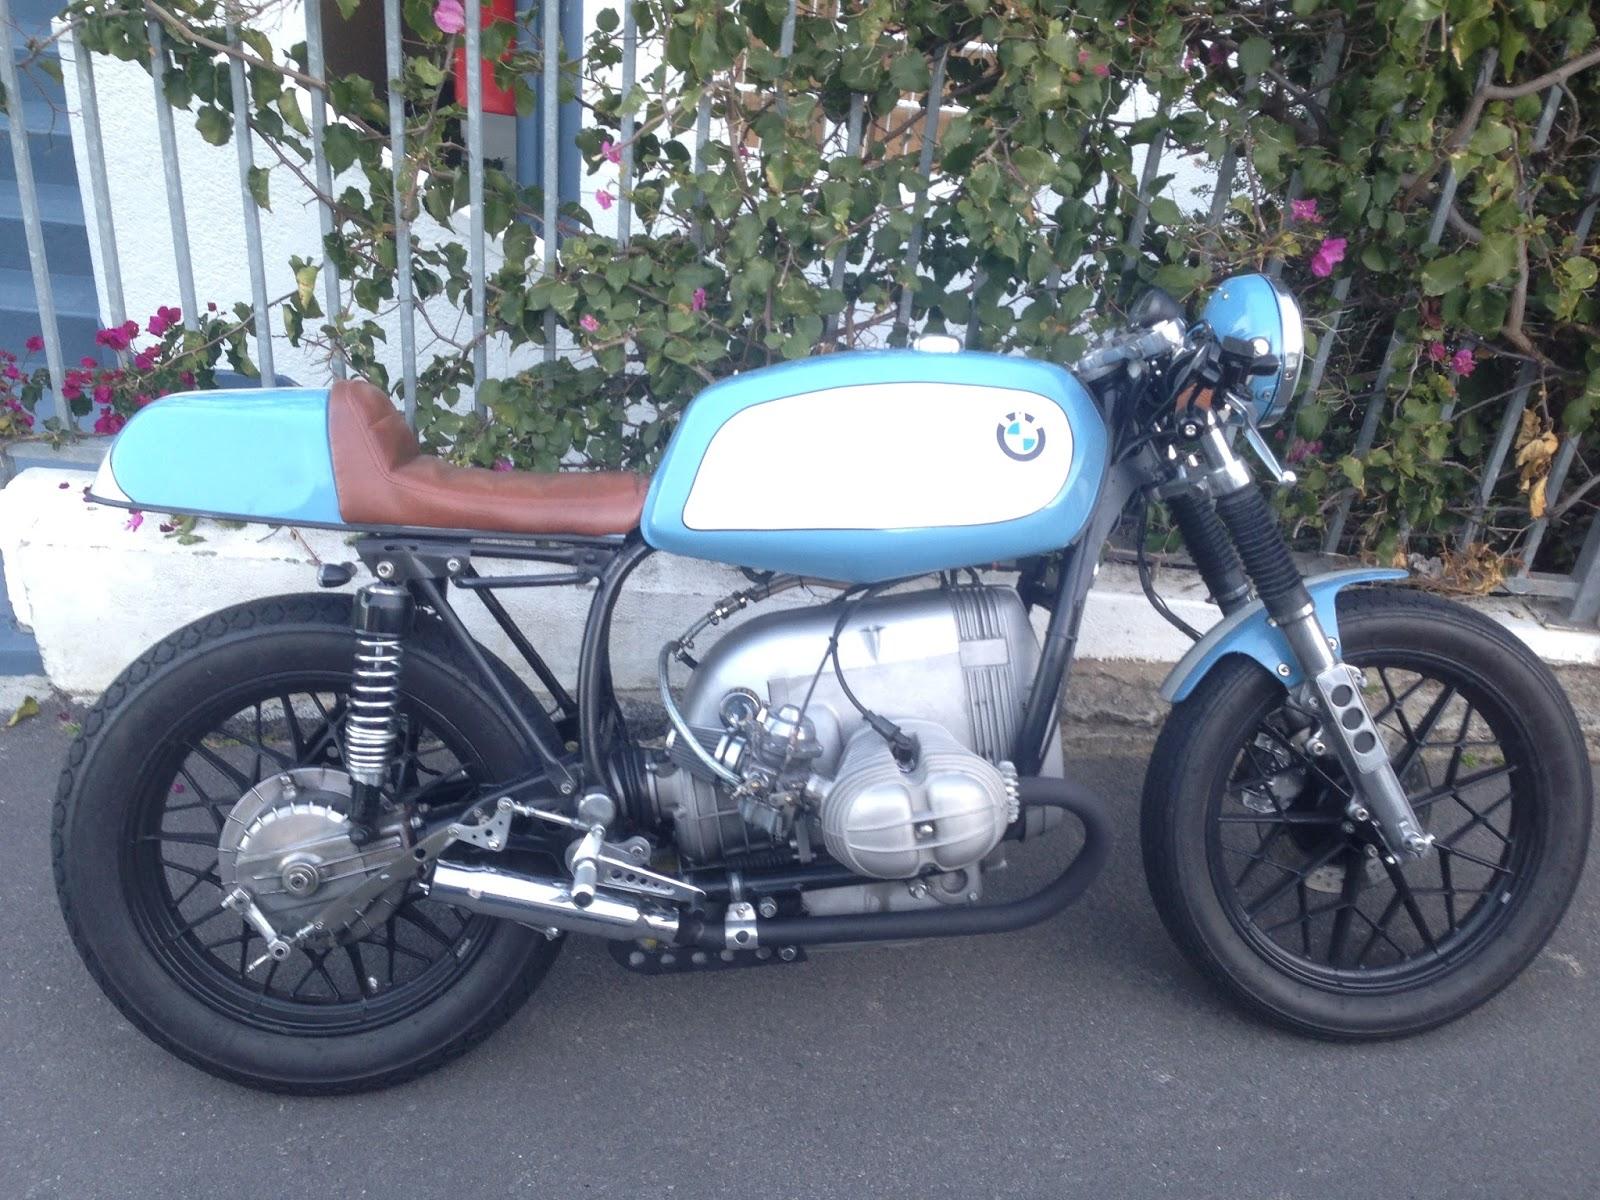 Cafe Racer Parts Bmw R65 | Motorbk co